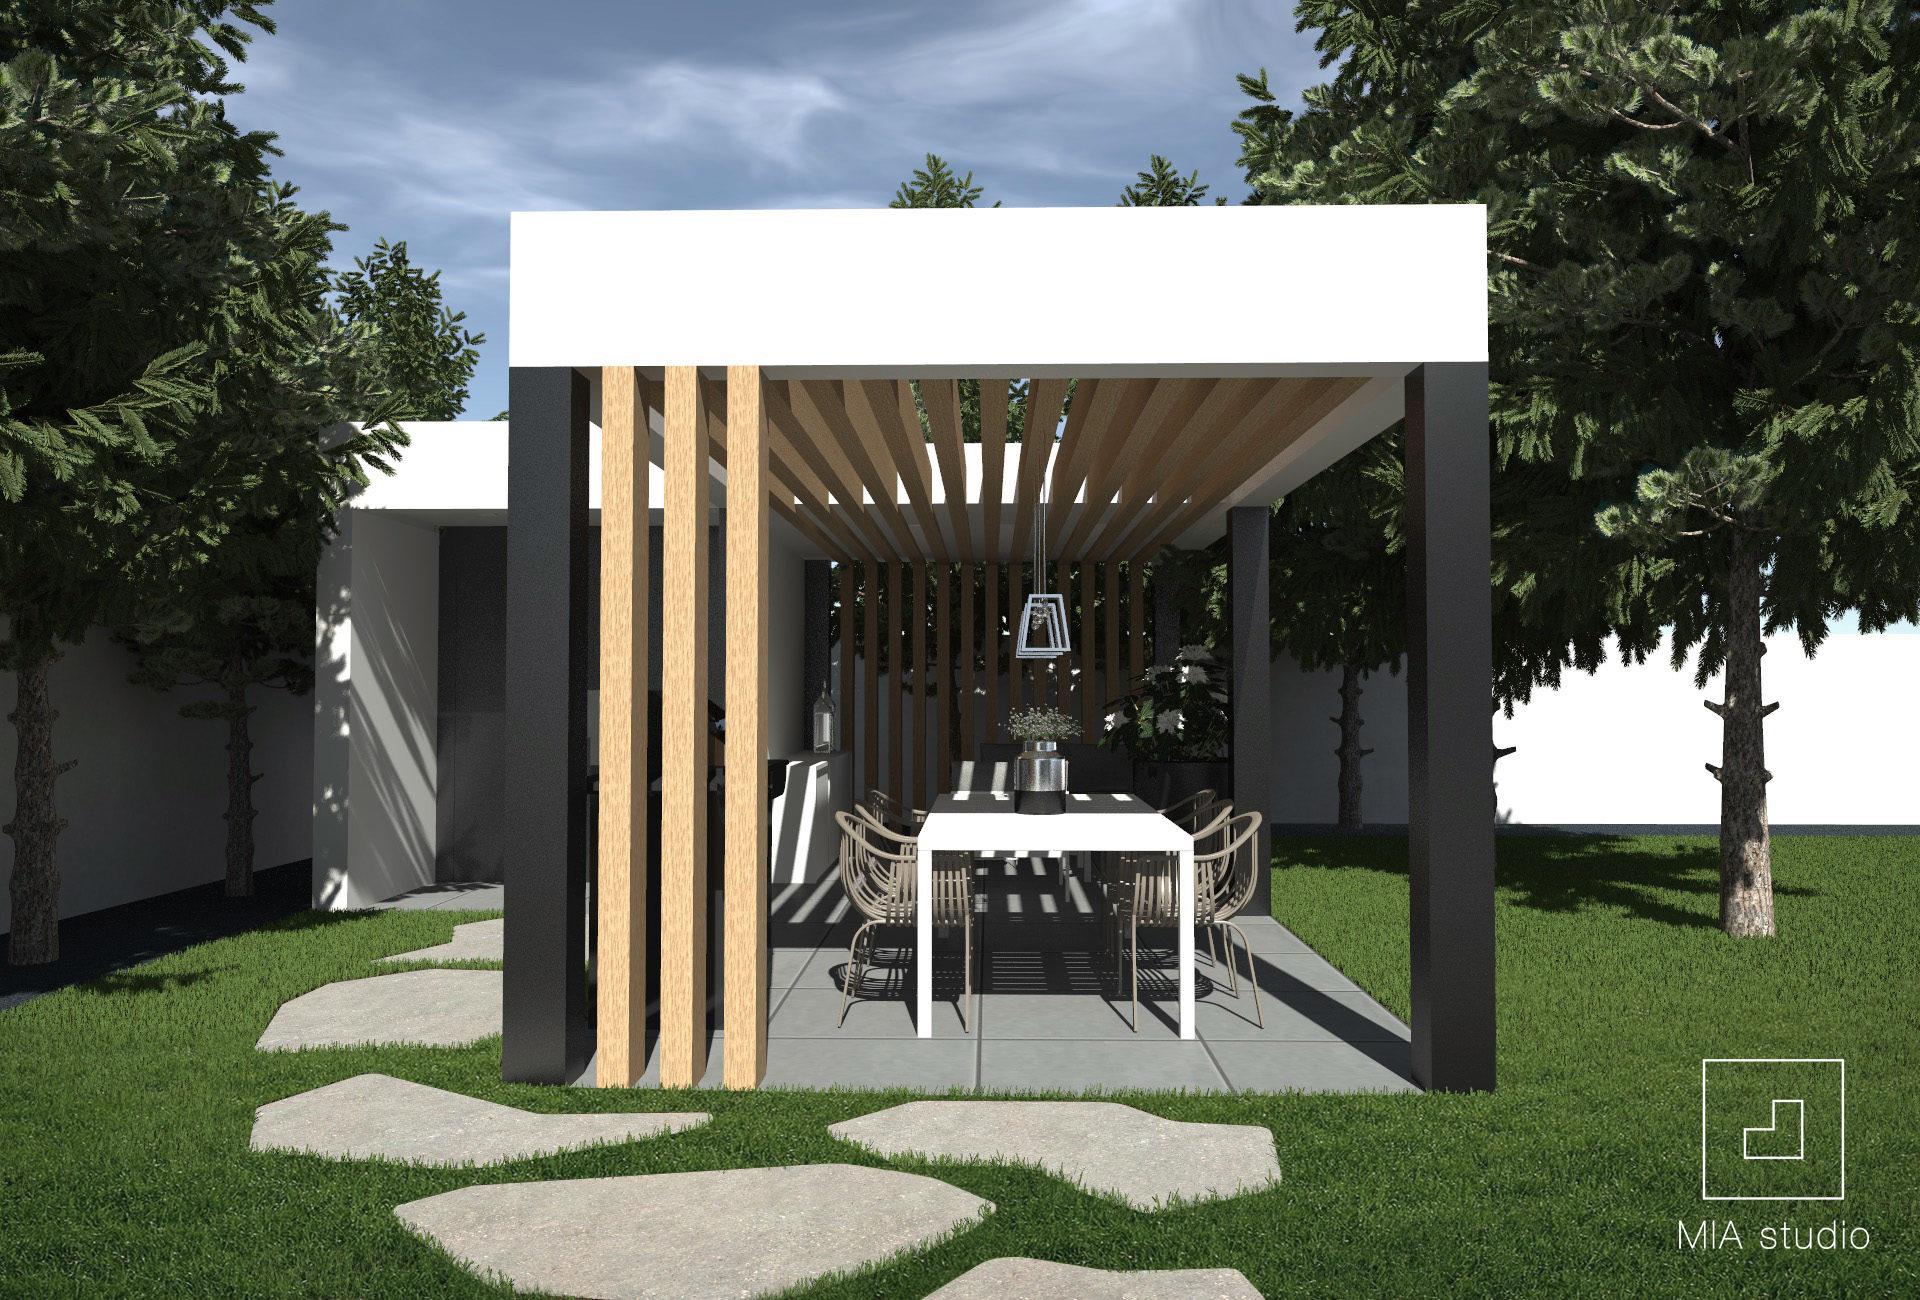 nowoczesna altana w ogrodzie